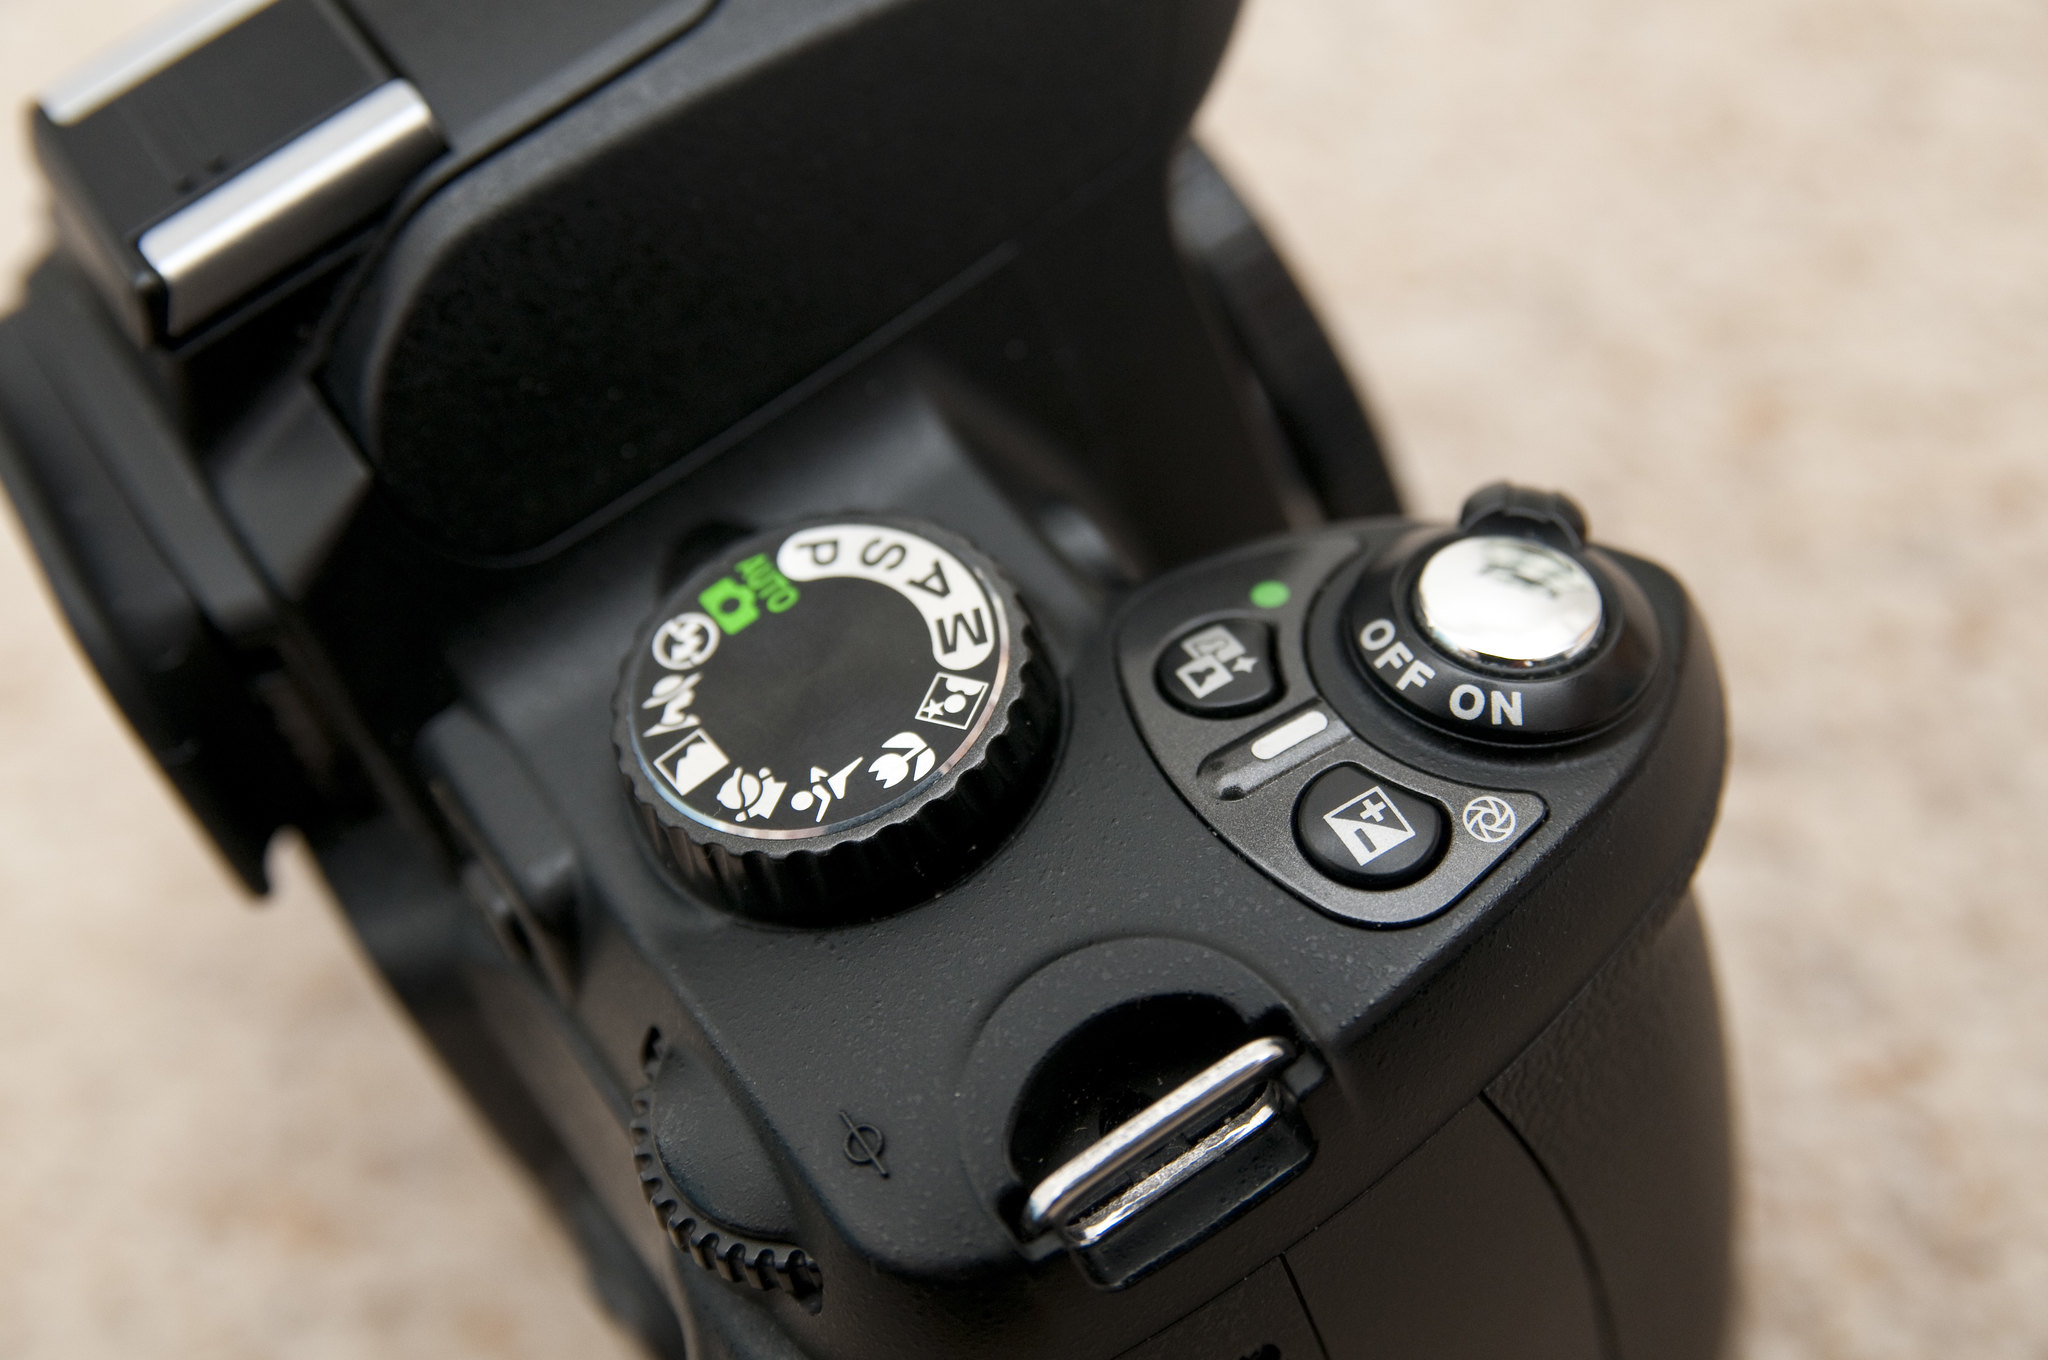 Zakup aparatu  – początek przygody z fotografią